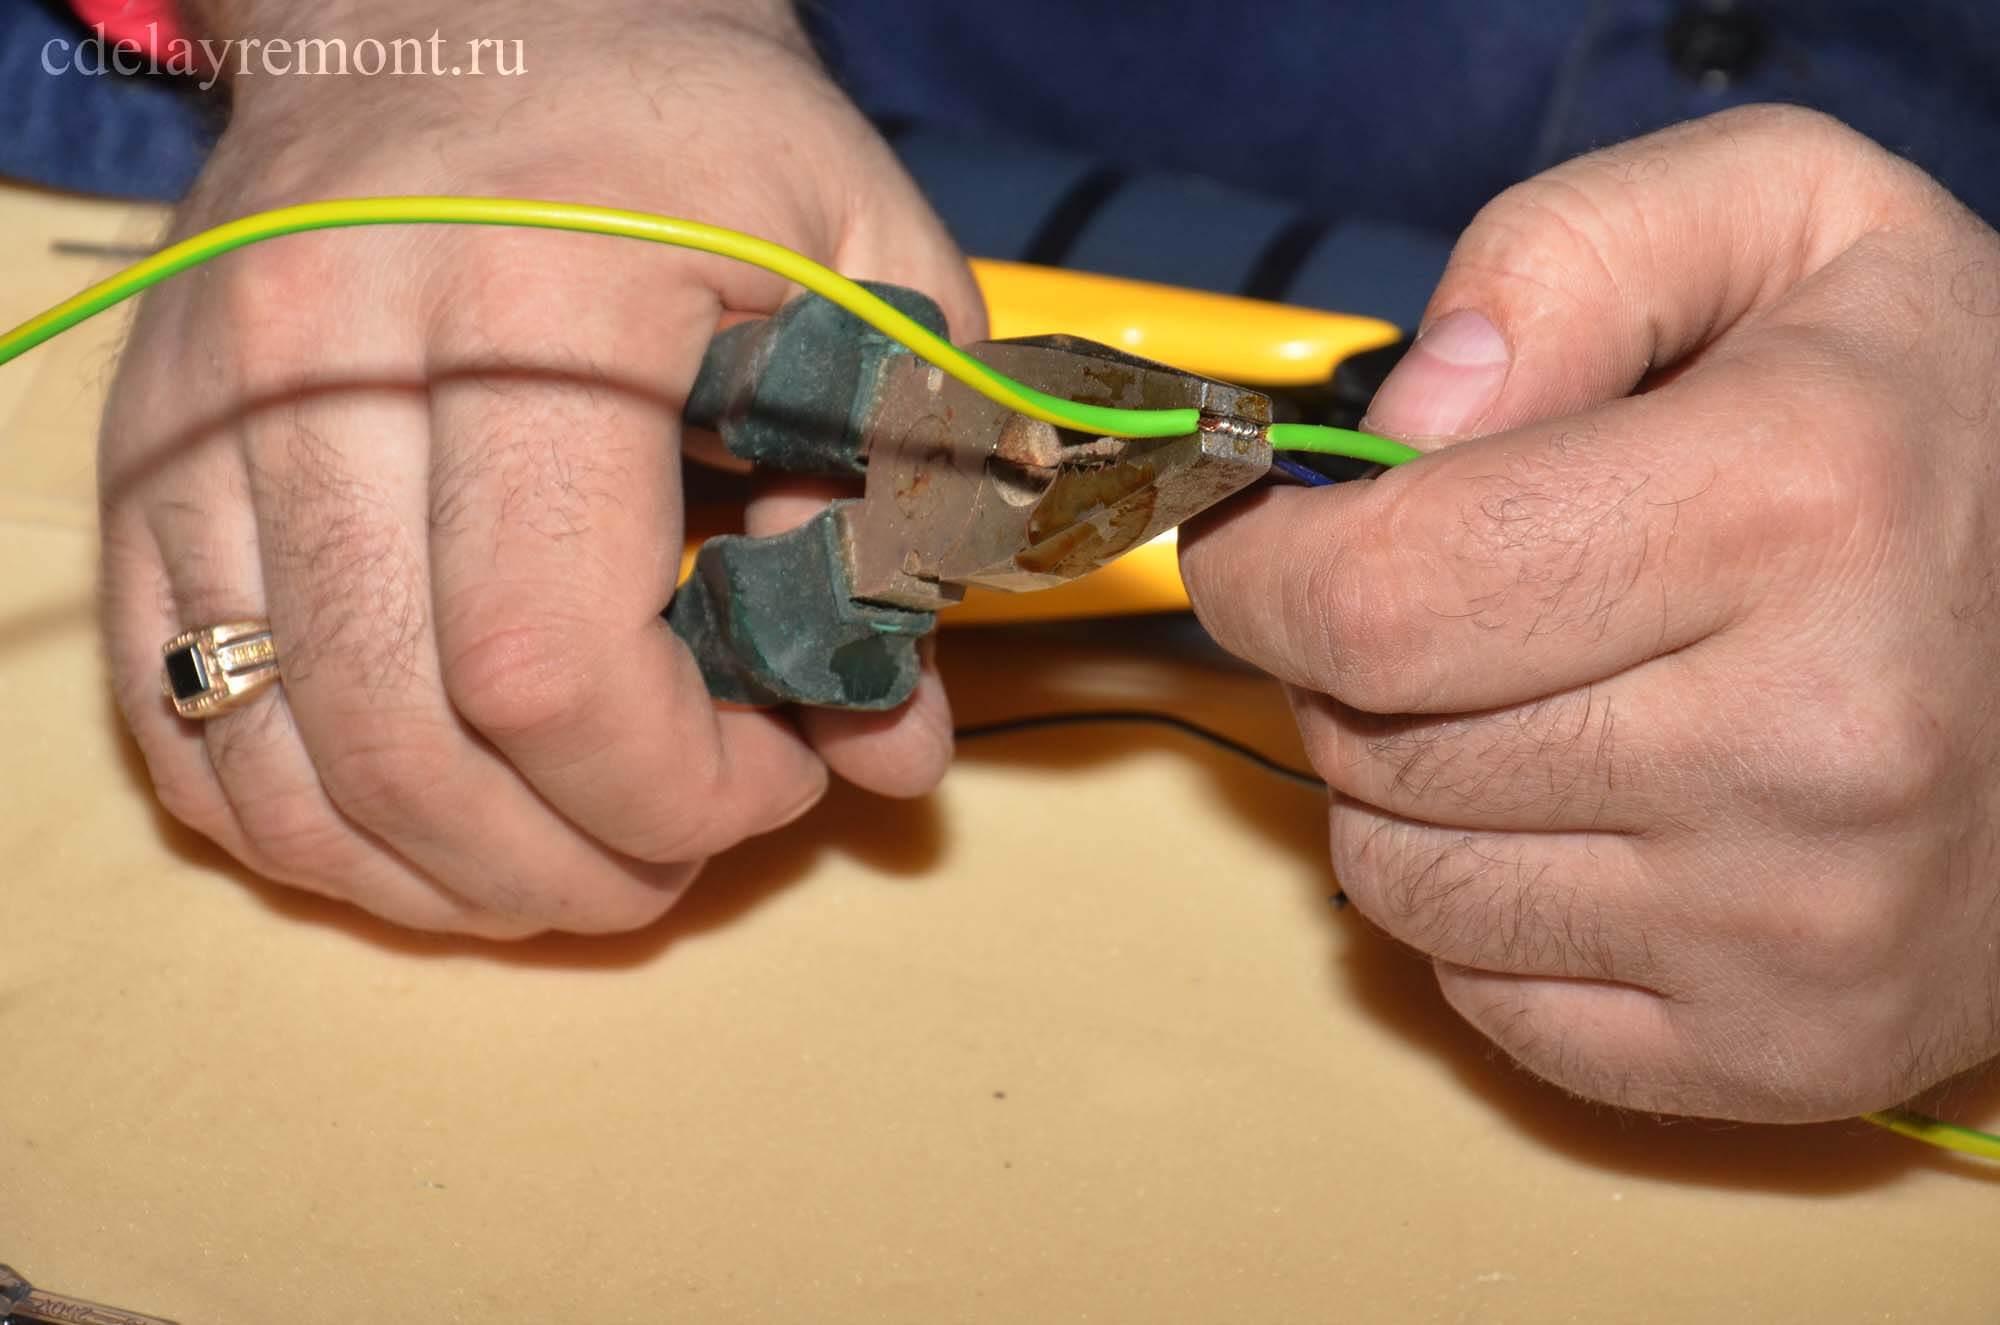 Стягиваем соединение с помощью пассатижей